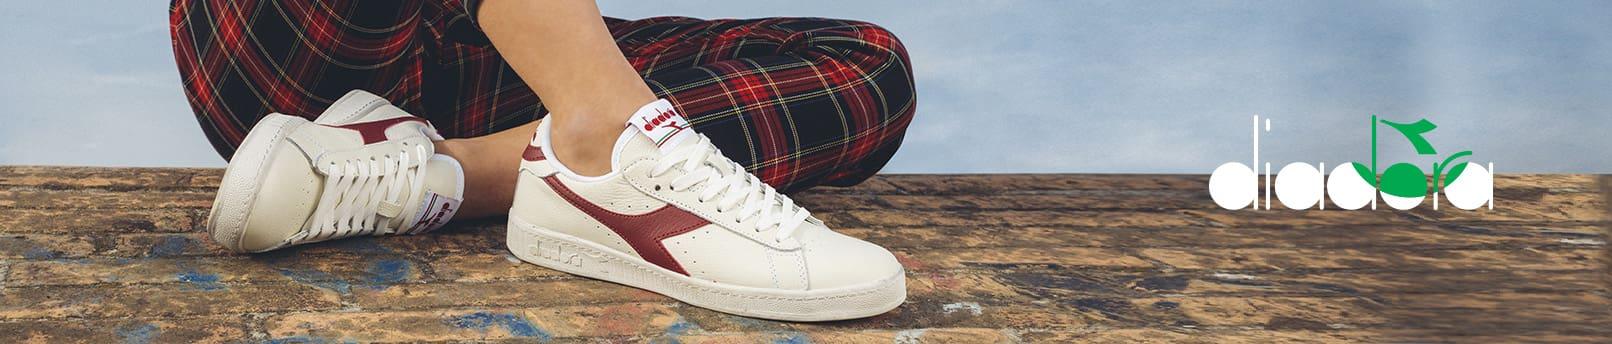 Rode Shop Het Damessneakers Online Hier Ontdek Zalando Bqqa7Rnwt